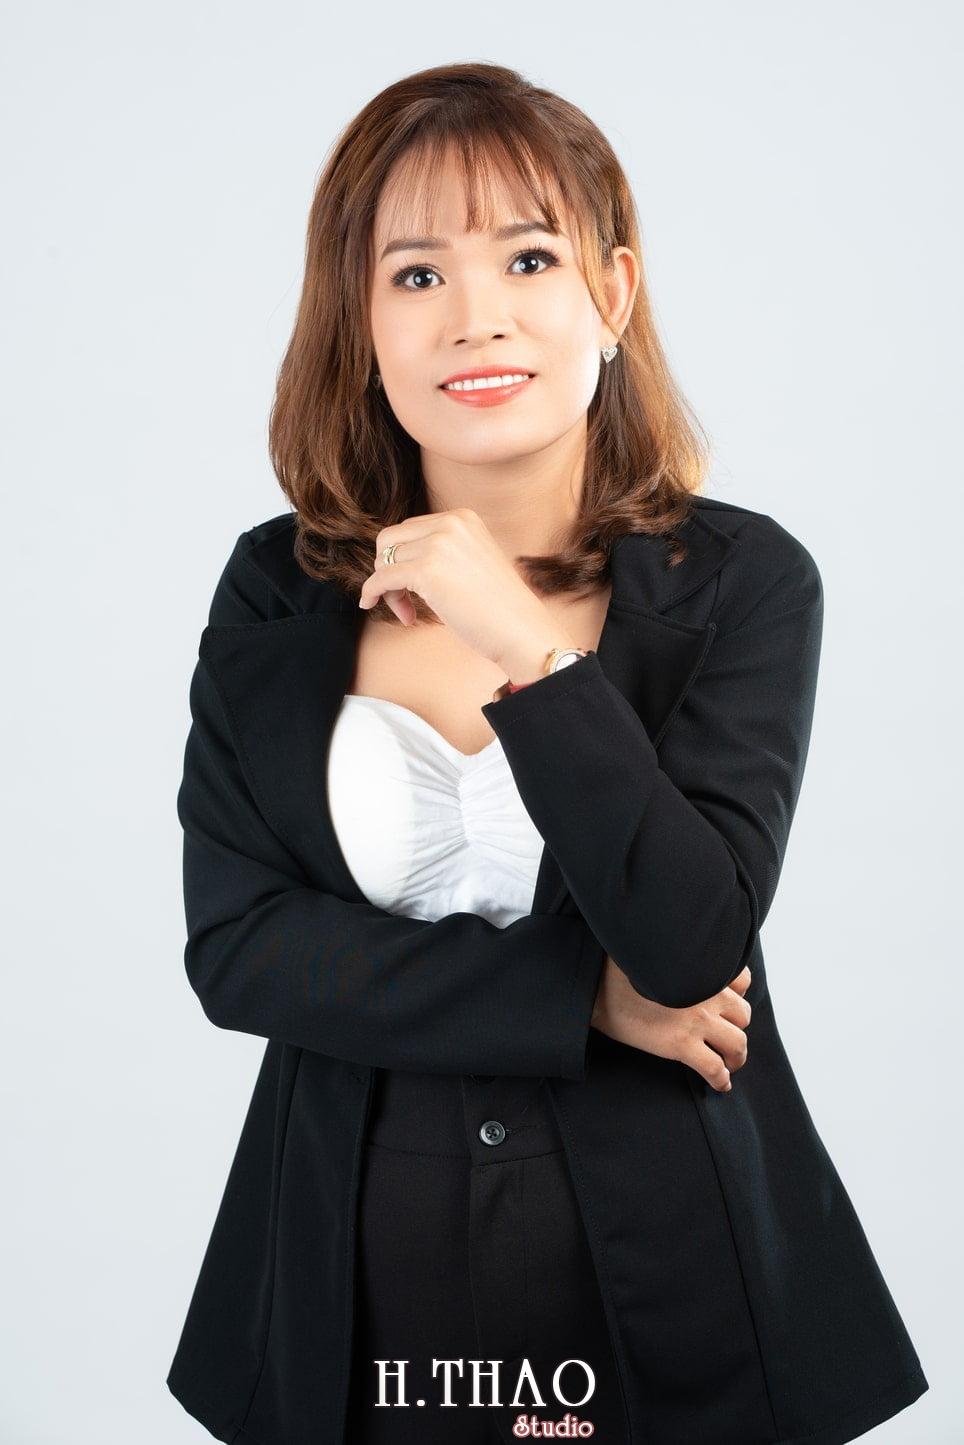 Profile nu 3 - Tổng hợp album ảnh profile bác sĩ, luật sư, tài chính – HThao Studio